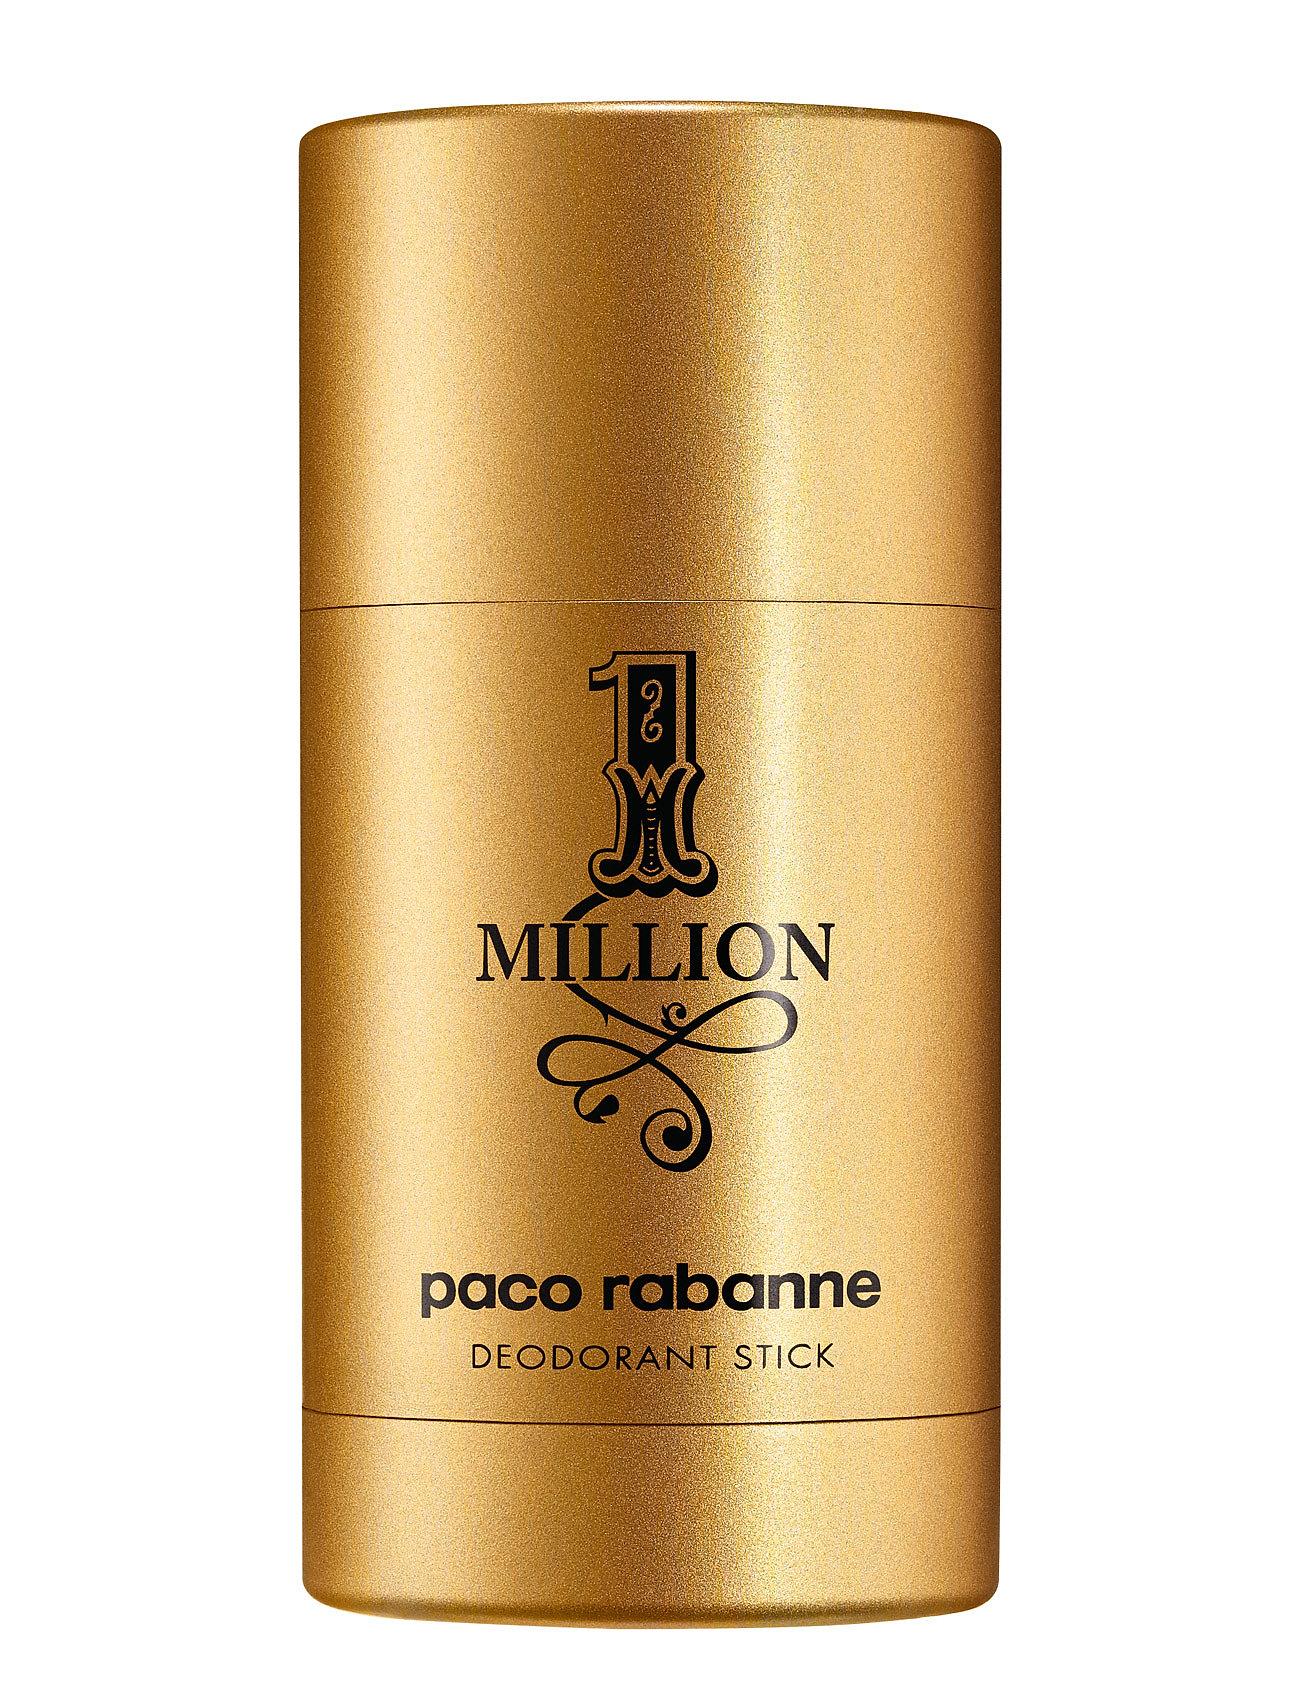 Paco rabanne one million deodorant fra paco rabanne på boozt.com dk